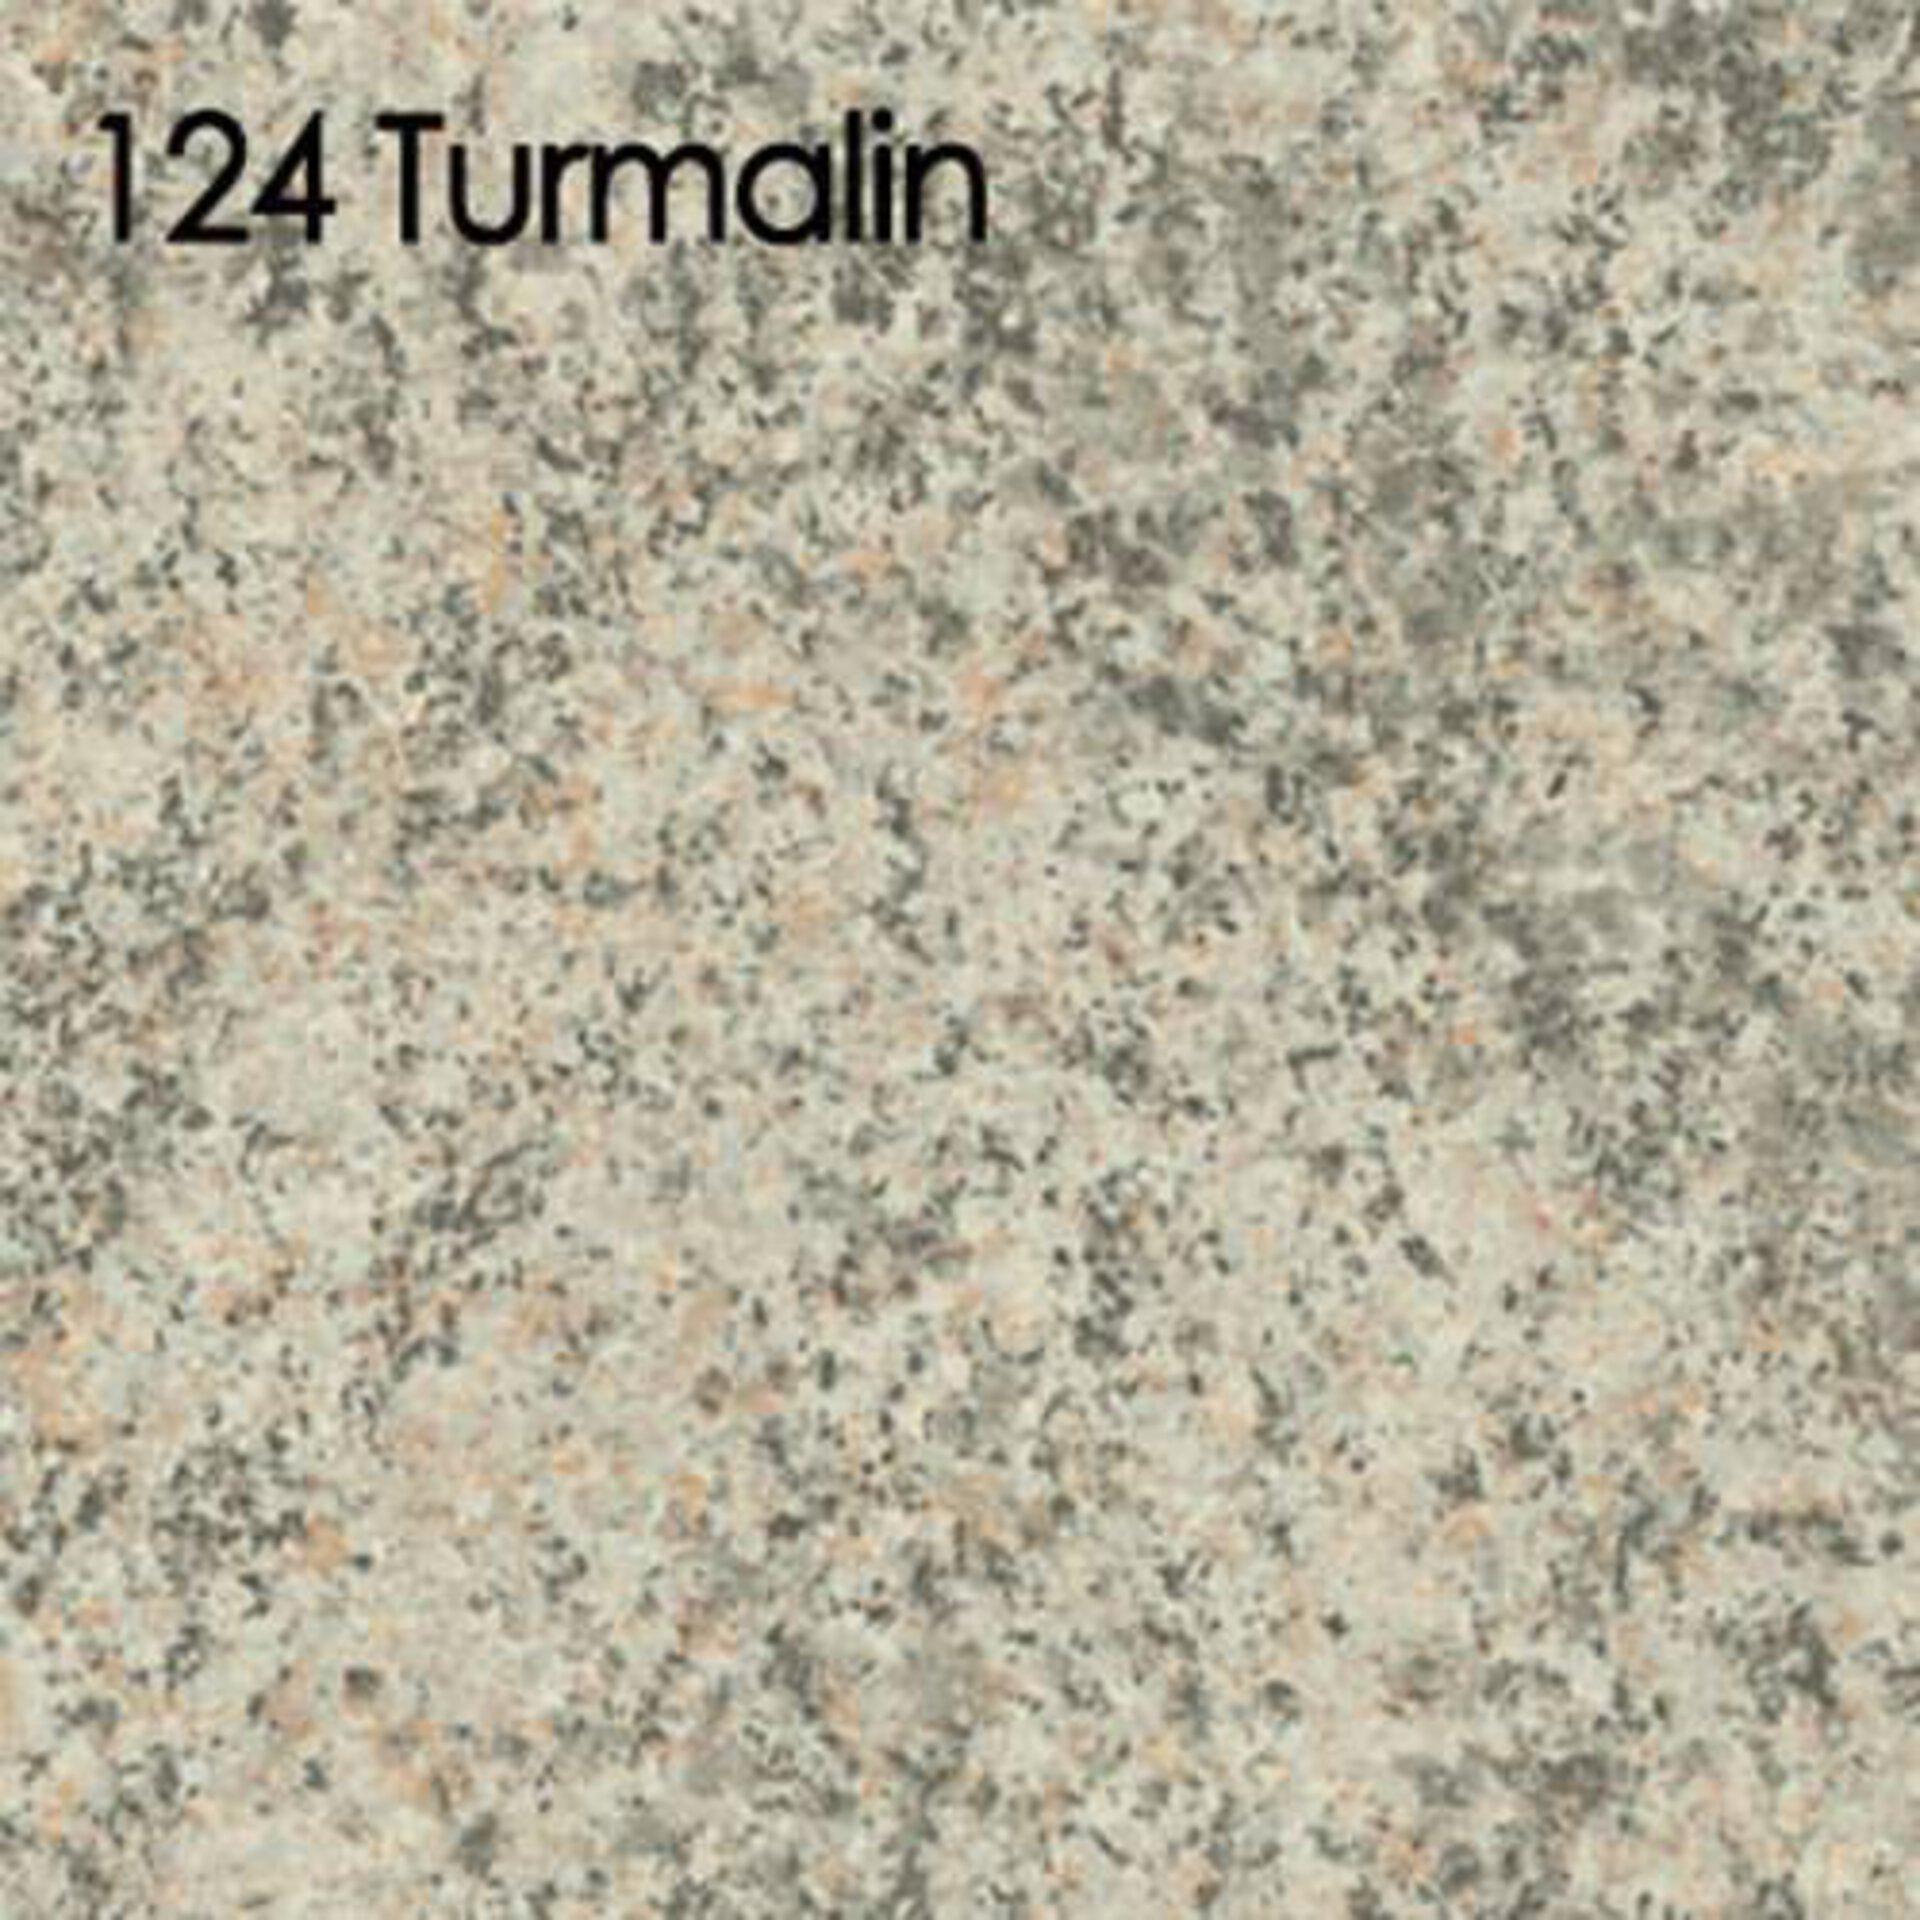 Arbeitsplatte aus Laminat in der Steinoptikausführung Turmalin.